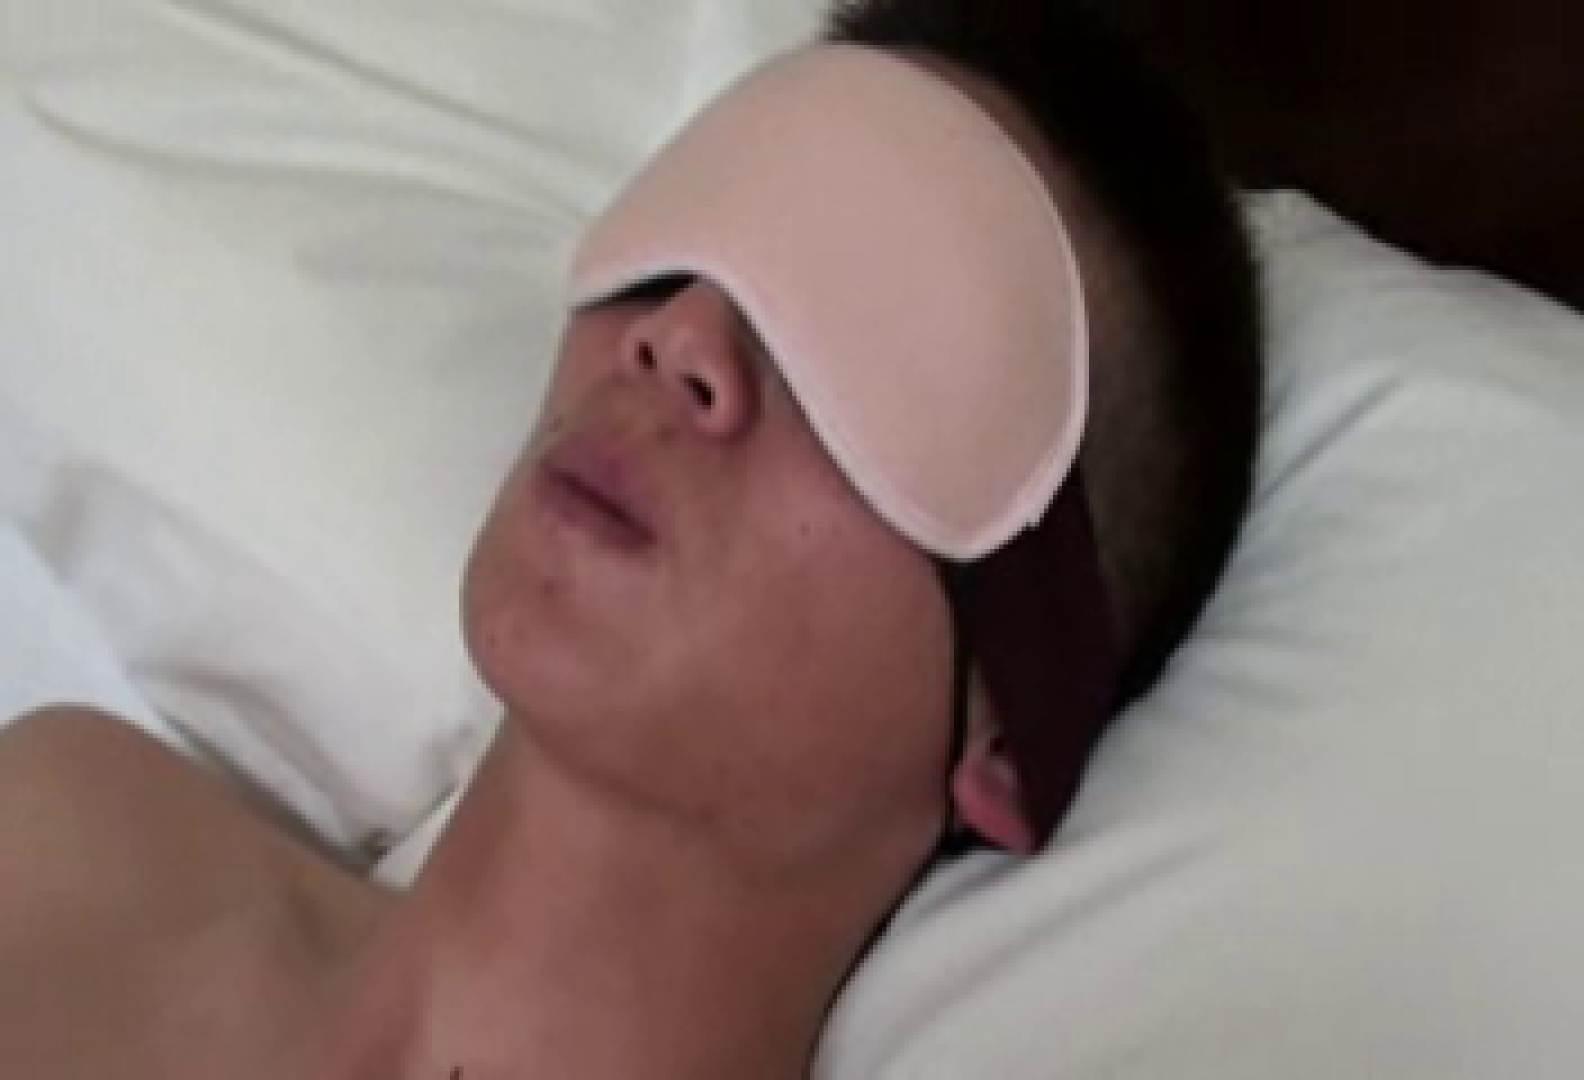 アイマスクでおもいっきり性感帯!!vol.04 男・男 ゲイアダルトビデオ画像 104pic 13